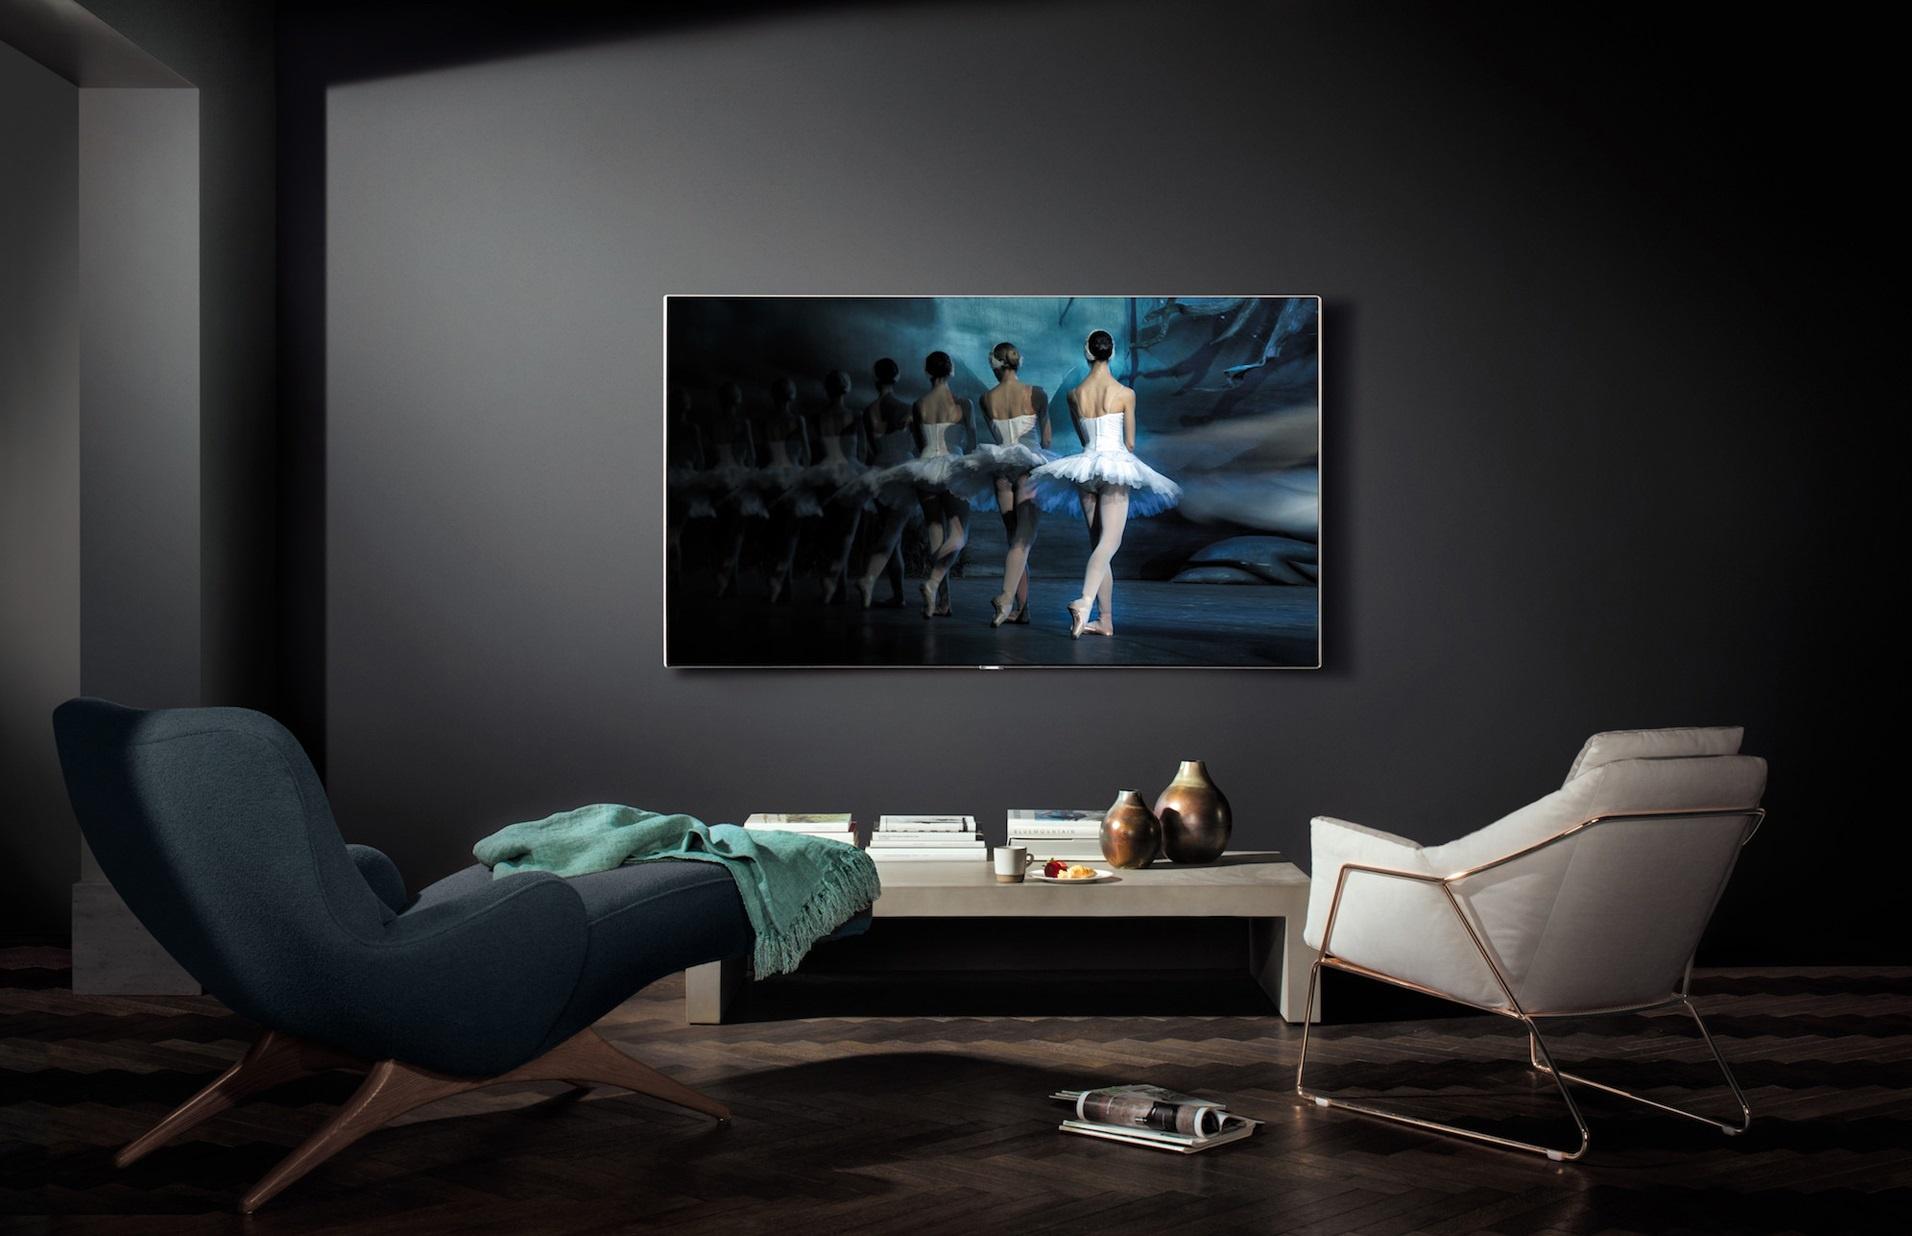 5 mau TV ghi nhan su phat trien cong nghe cua Samsung hinh anh 11